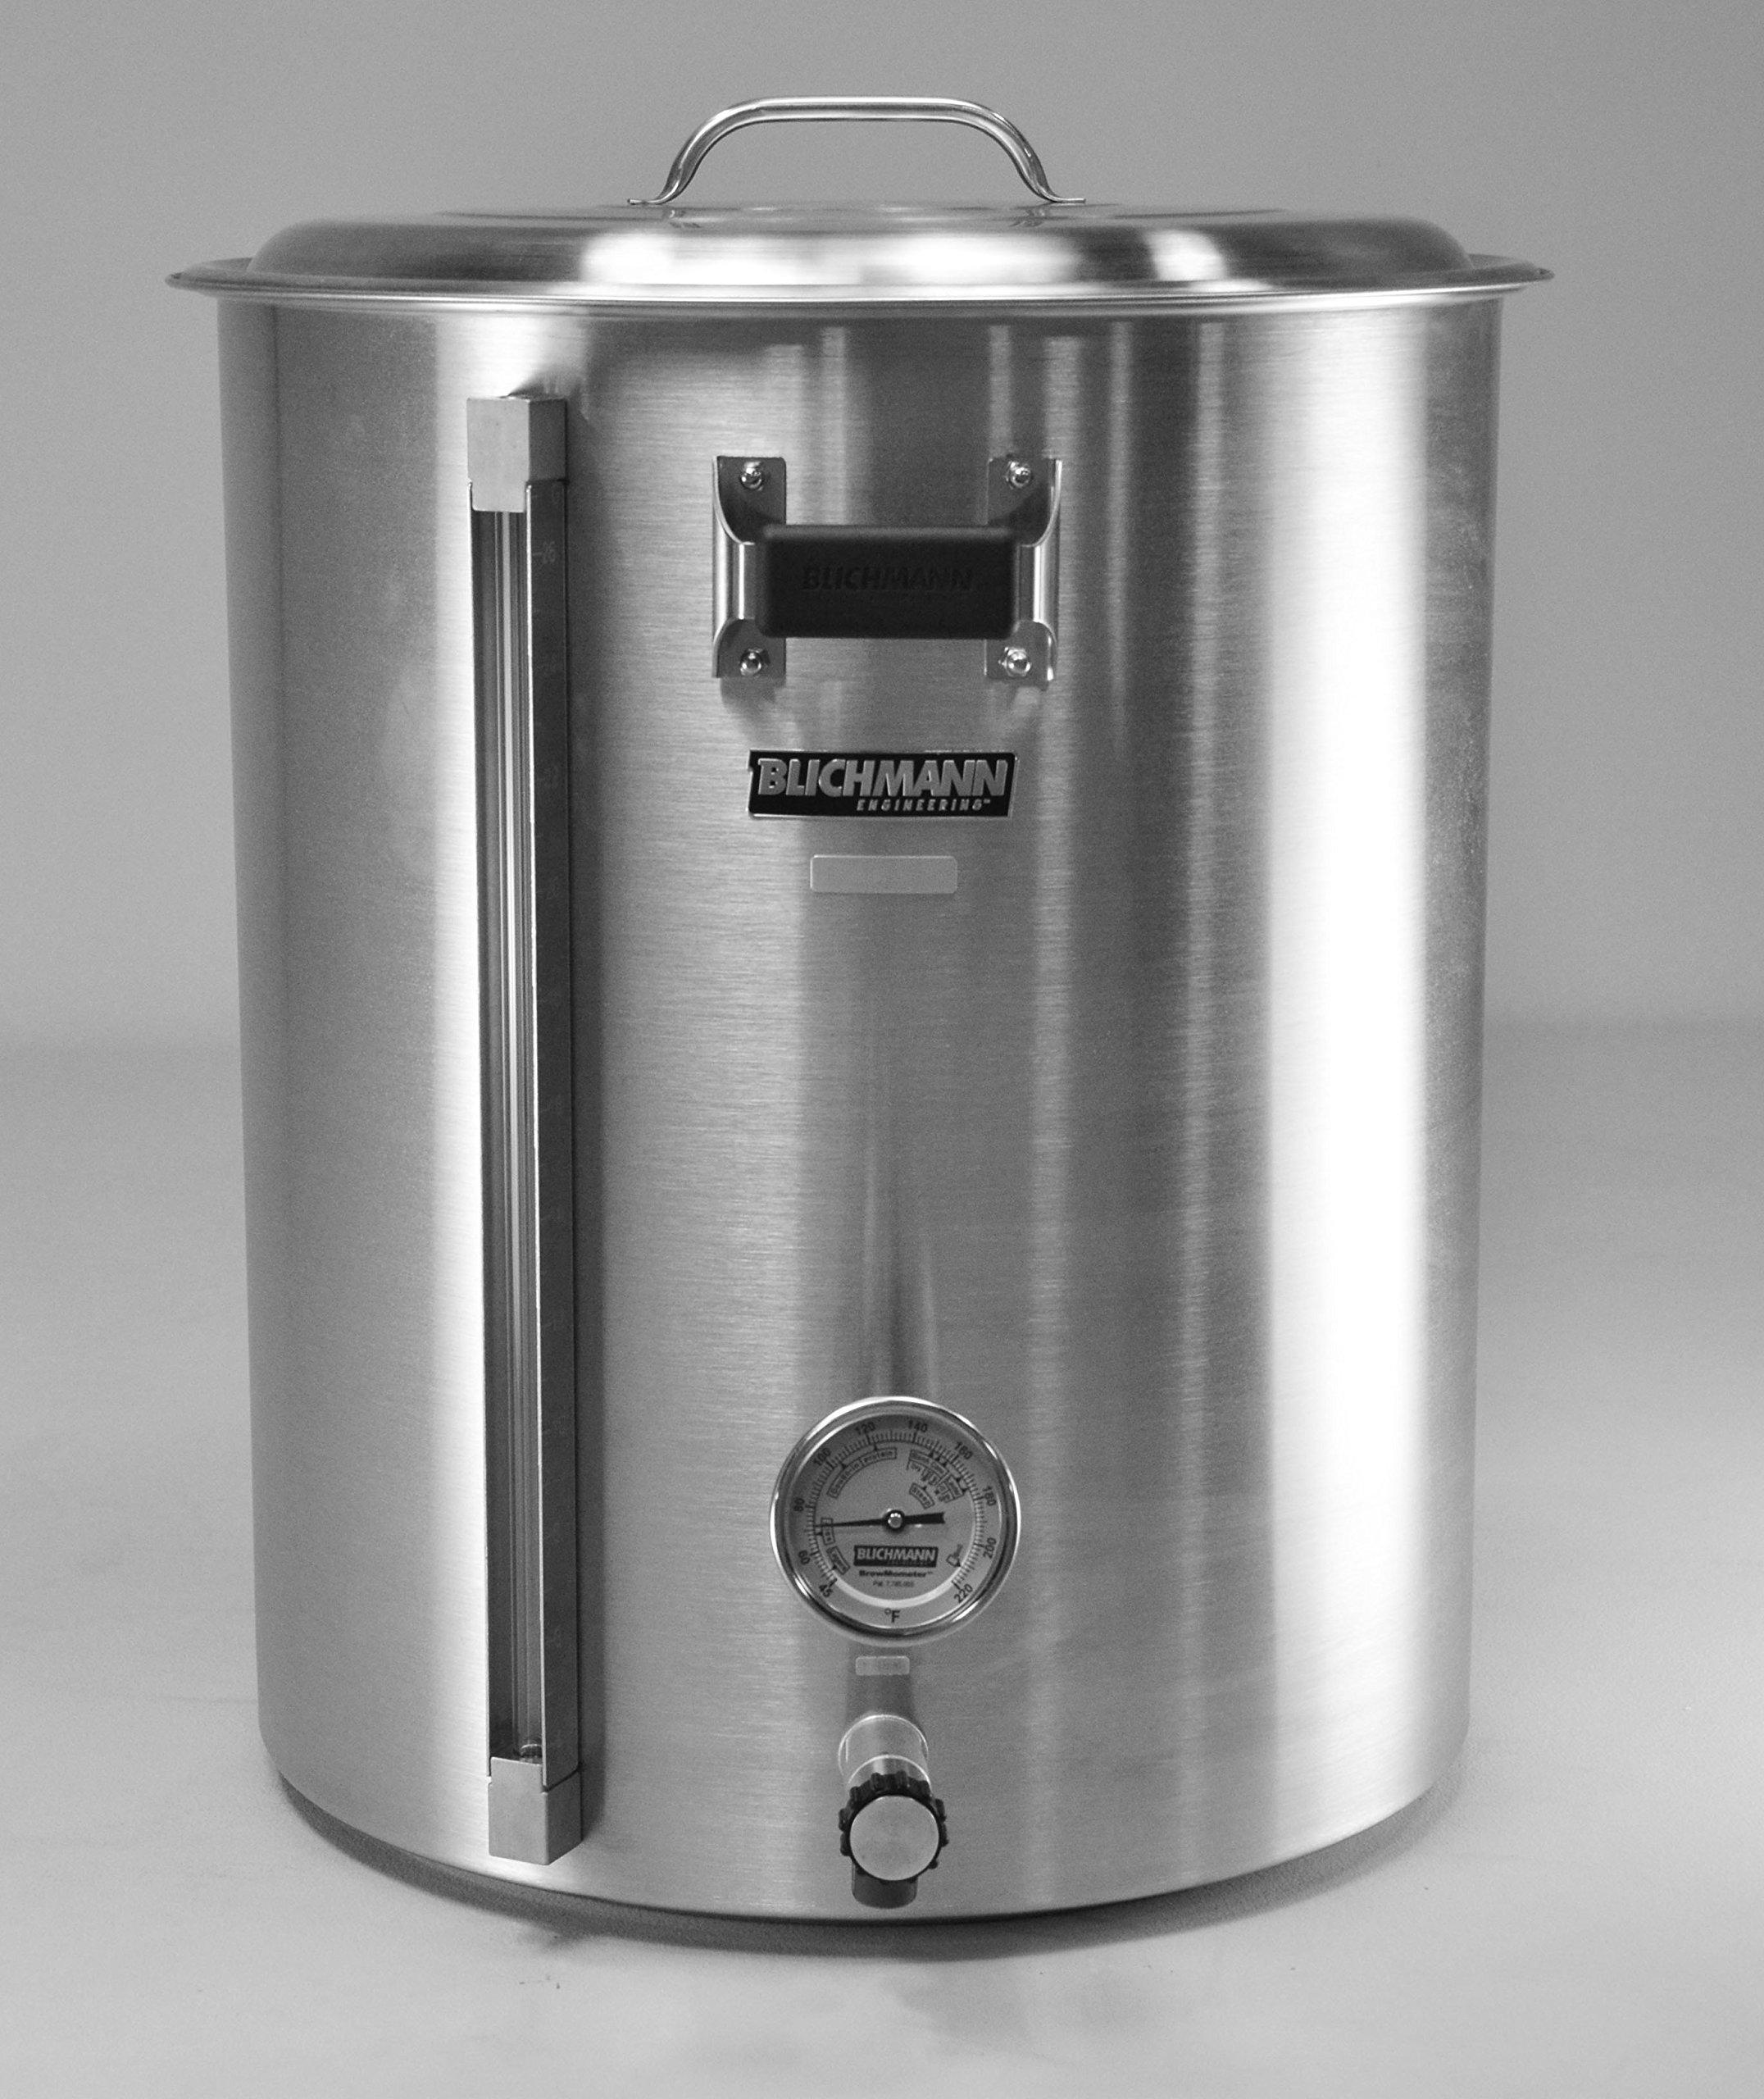 Blichmann Gas Boilermaker G2 Brew Kettle (30 gal)